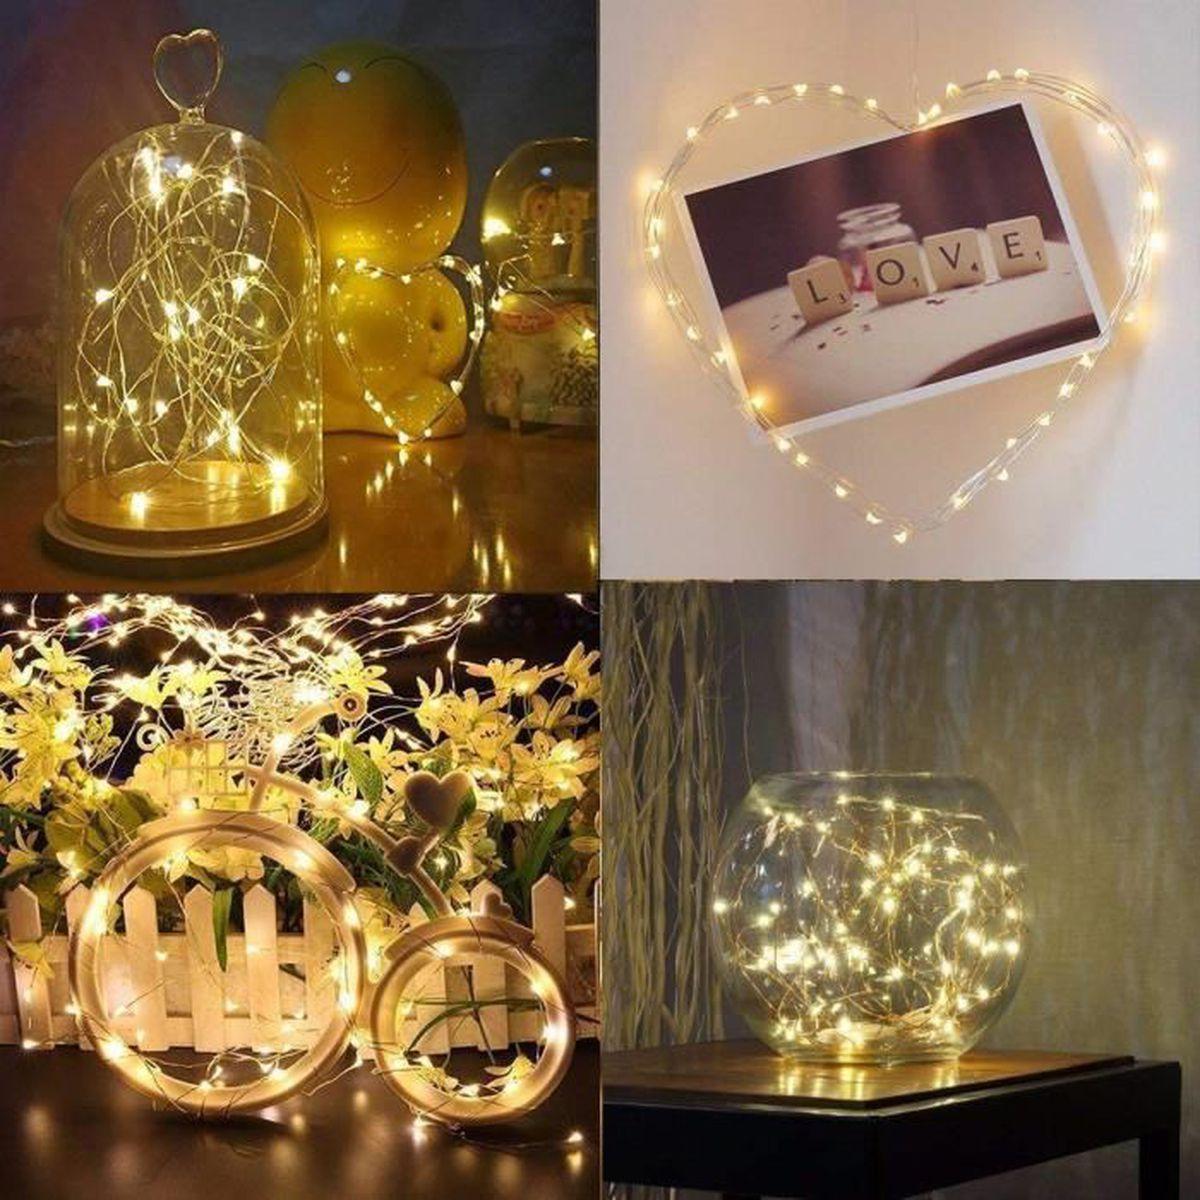 DEL bouteille Lights 185 cm Souple Fil de cuivre avec 20 DEL Blanches